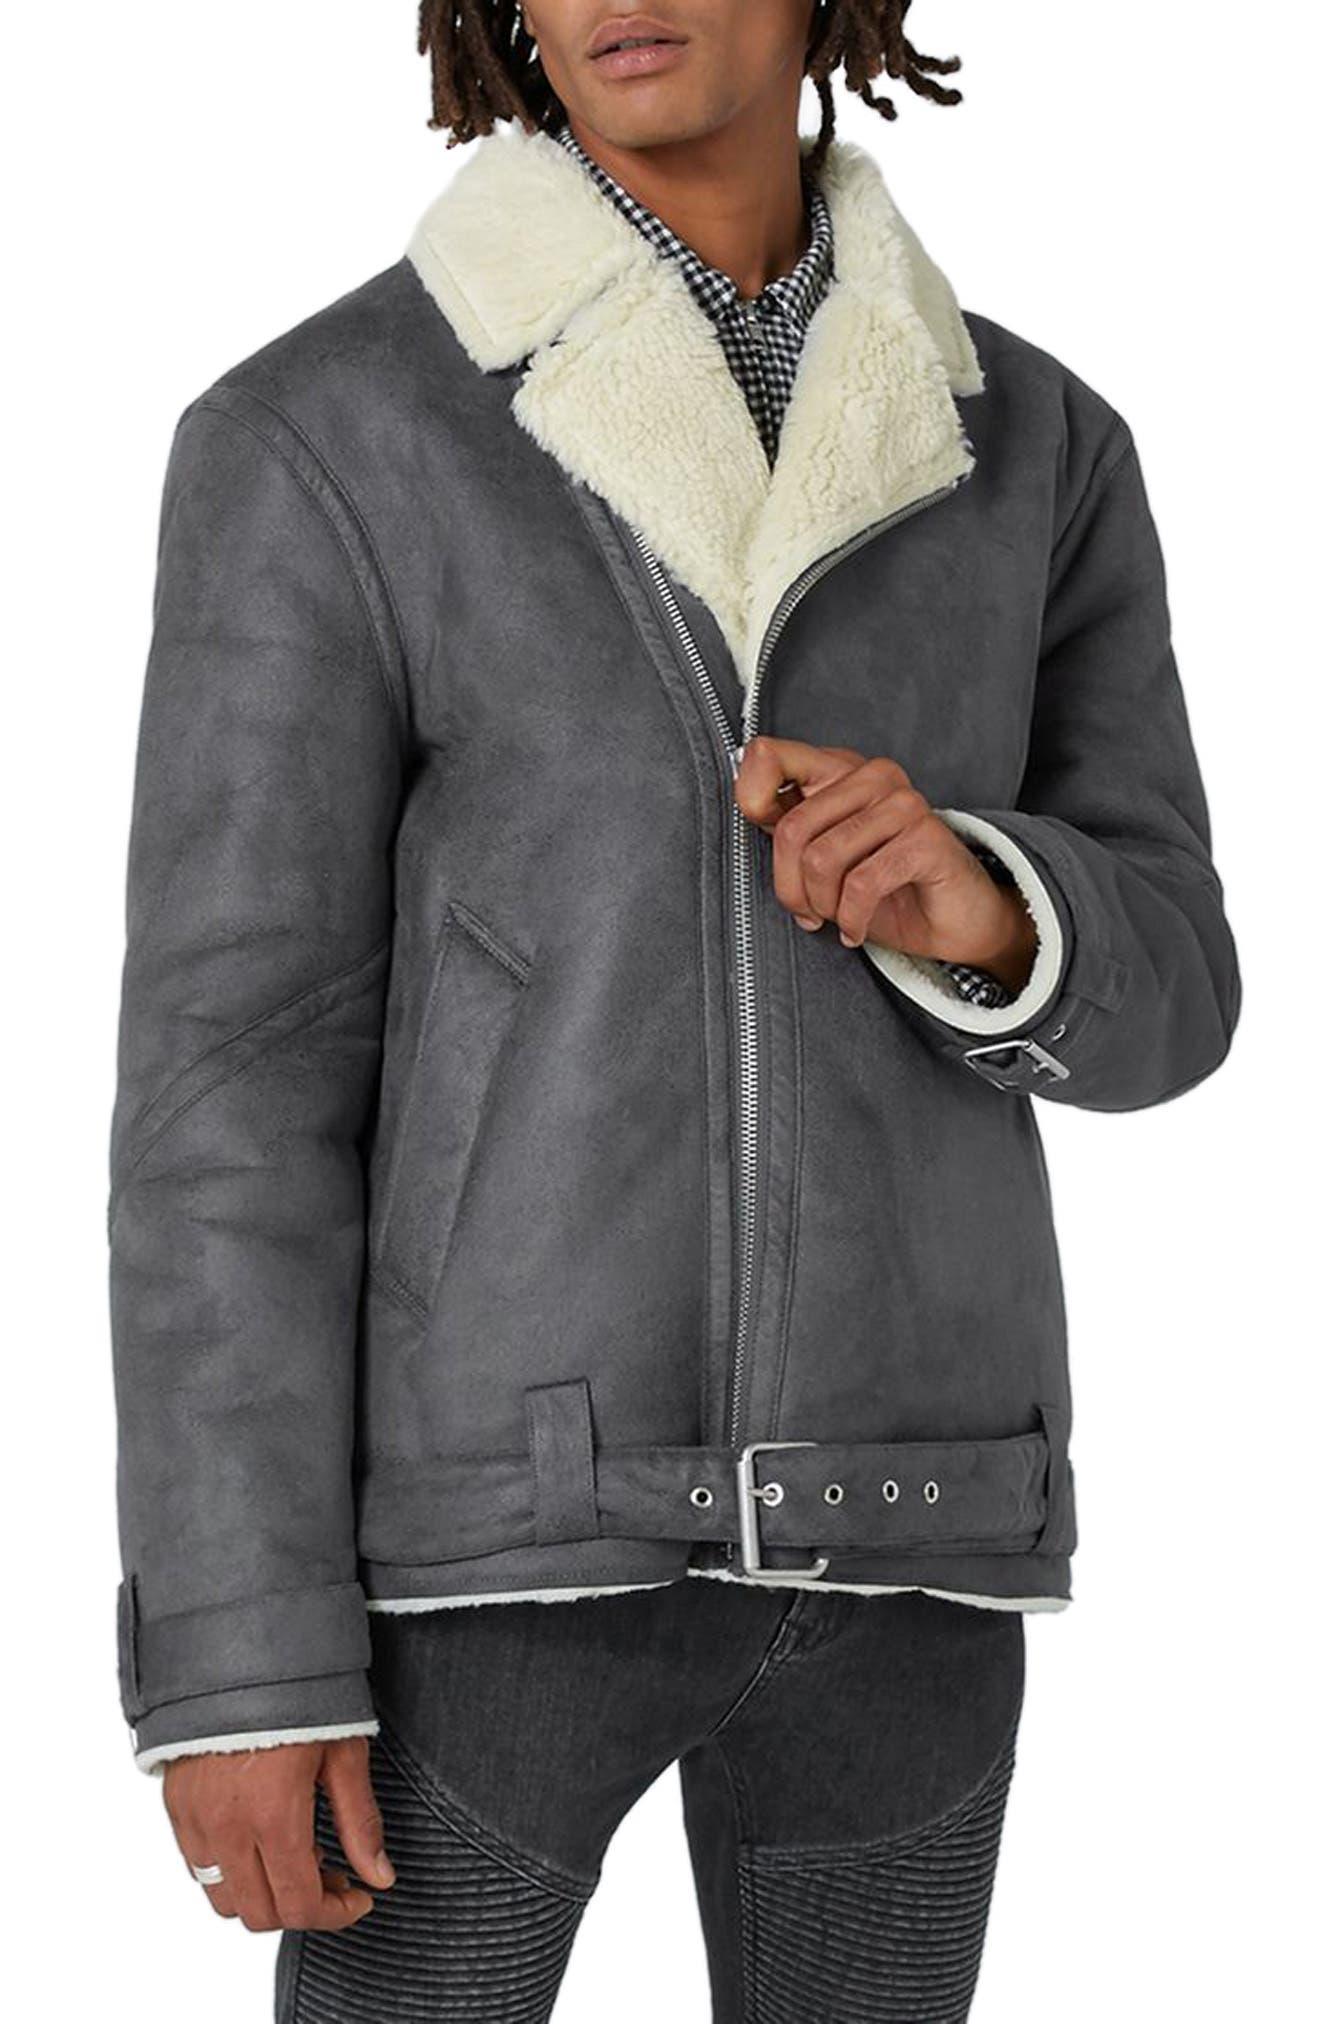 Borg Collar Faux Shearling Jacket,                             Main thumbnail 1, color,                             Grey